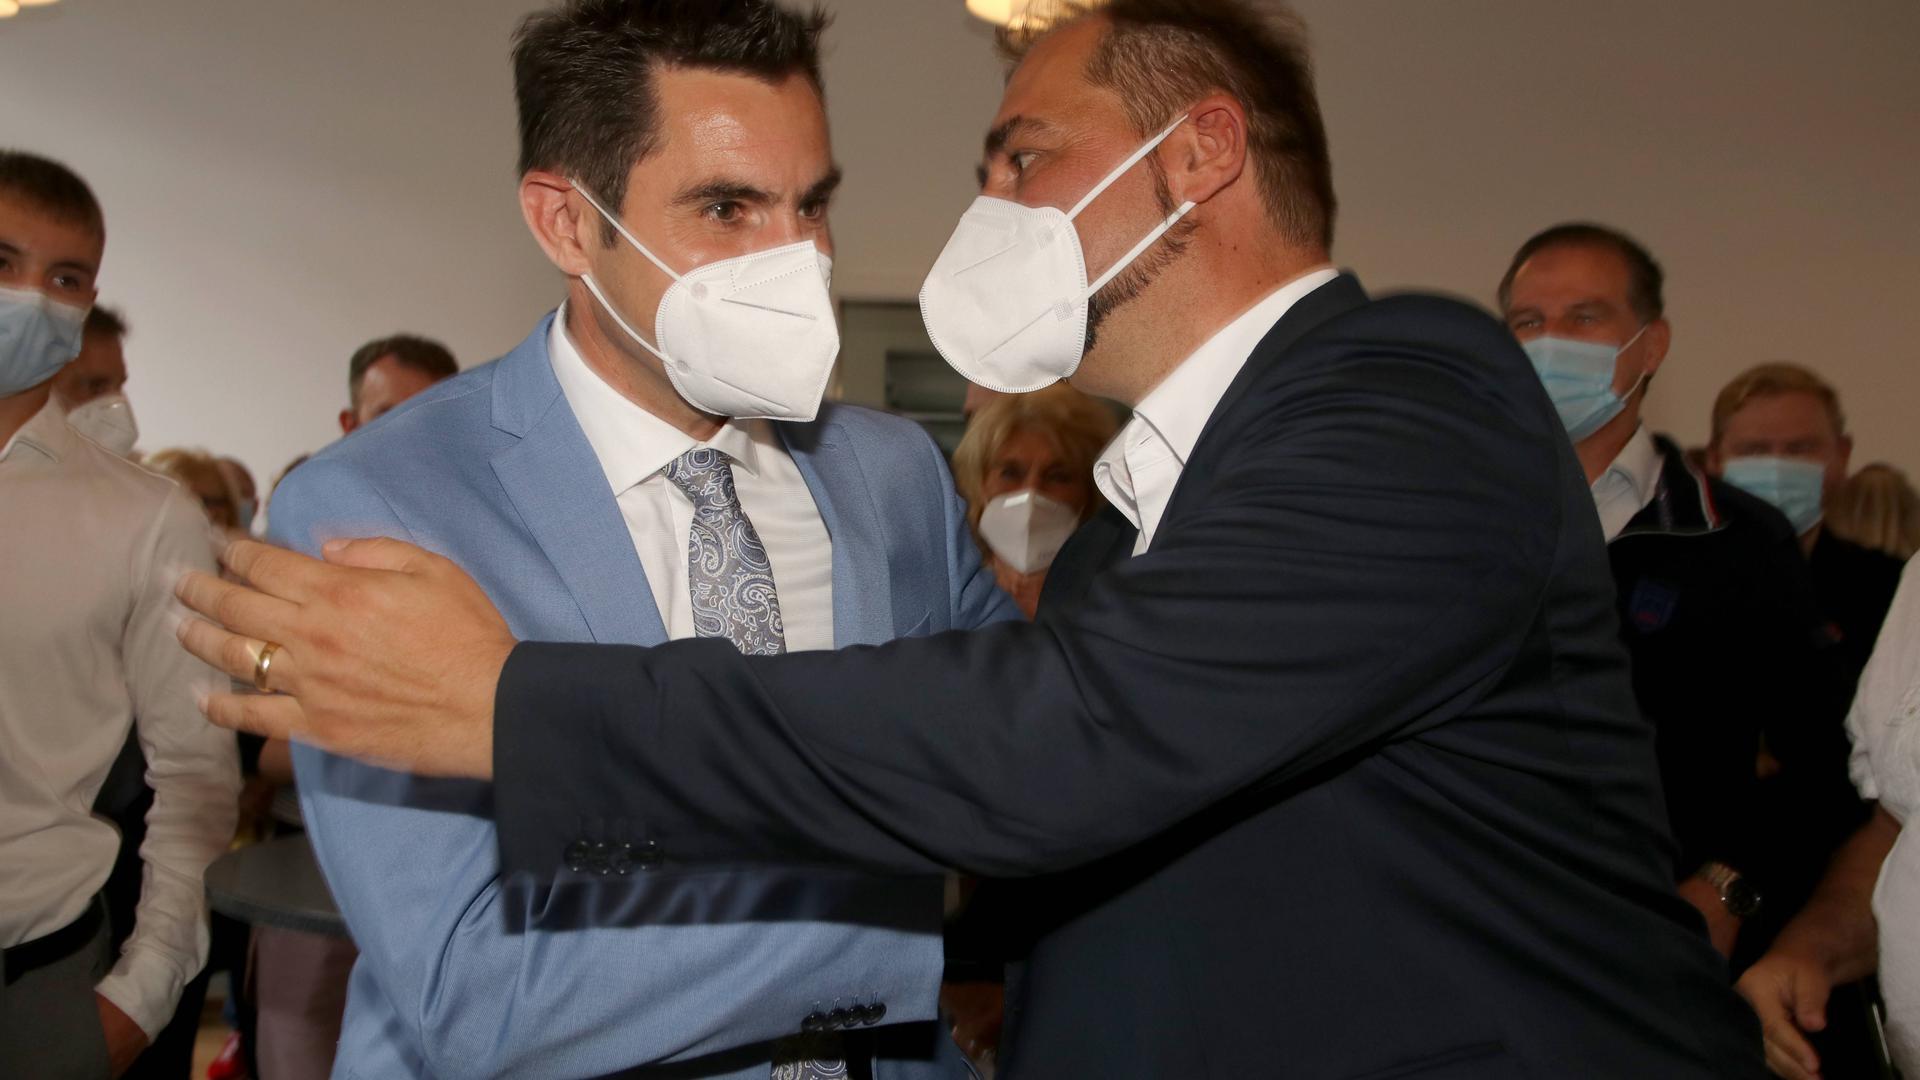 Glückwunsch nach klarem Sieg: Mitbewerber Dominique Roller gratuliert Wahlgewinner Steffen Bochinger (links), der sich bei der Bürgermeisterwahl in Keltern im ersten Wahlgang durchgesetzt hat.